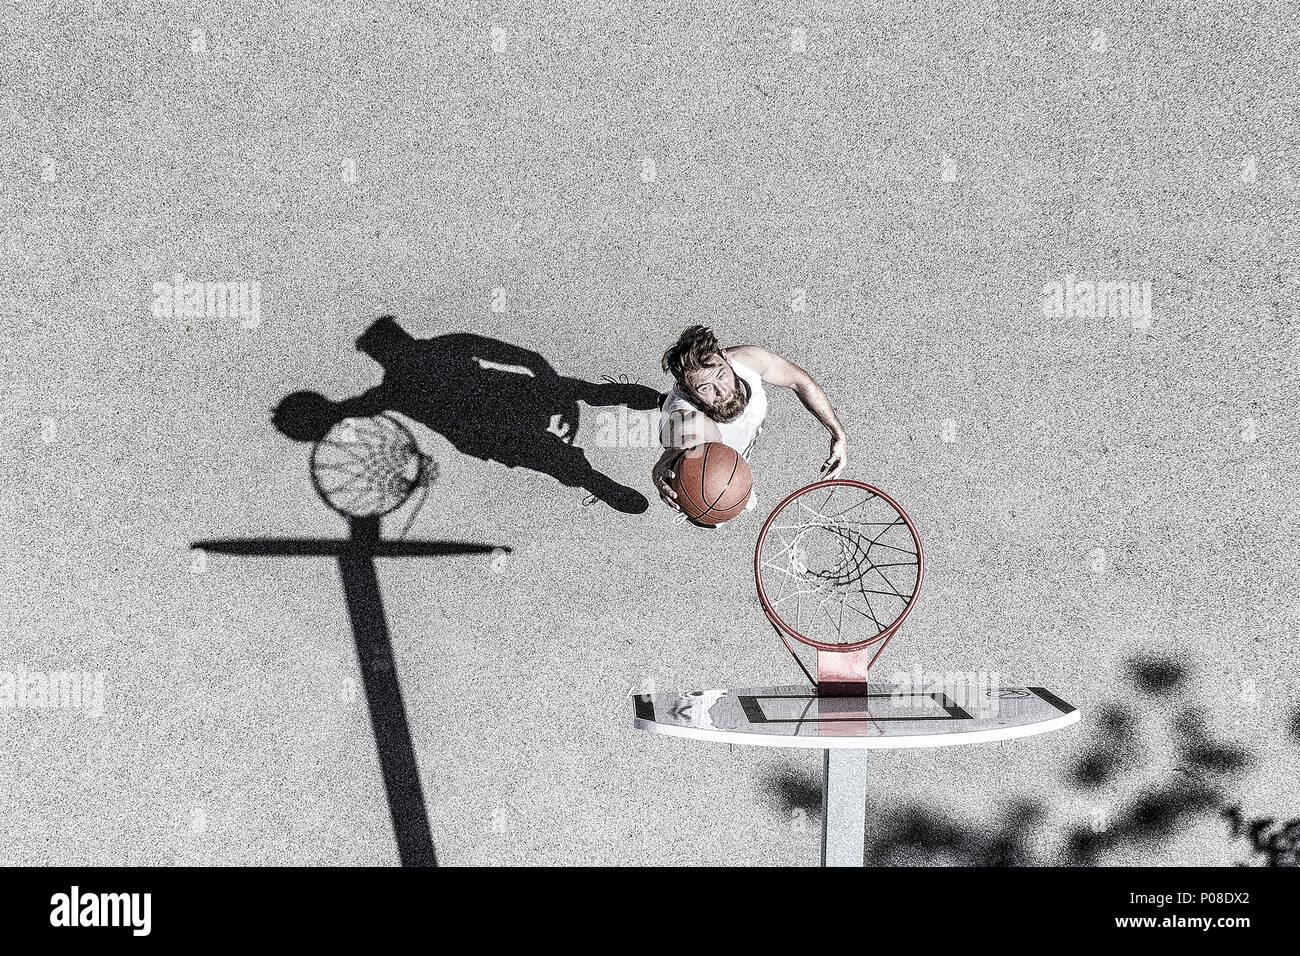 Basketballspieler von oben - Stock Image